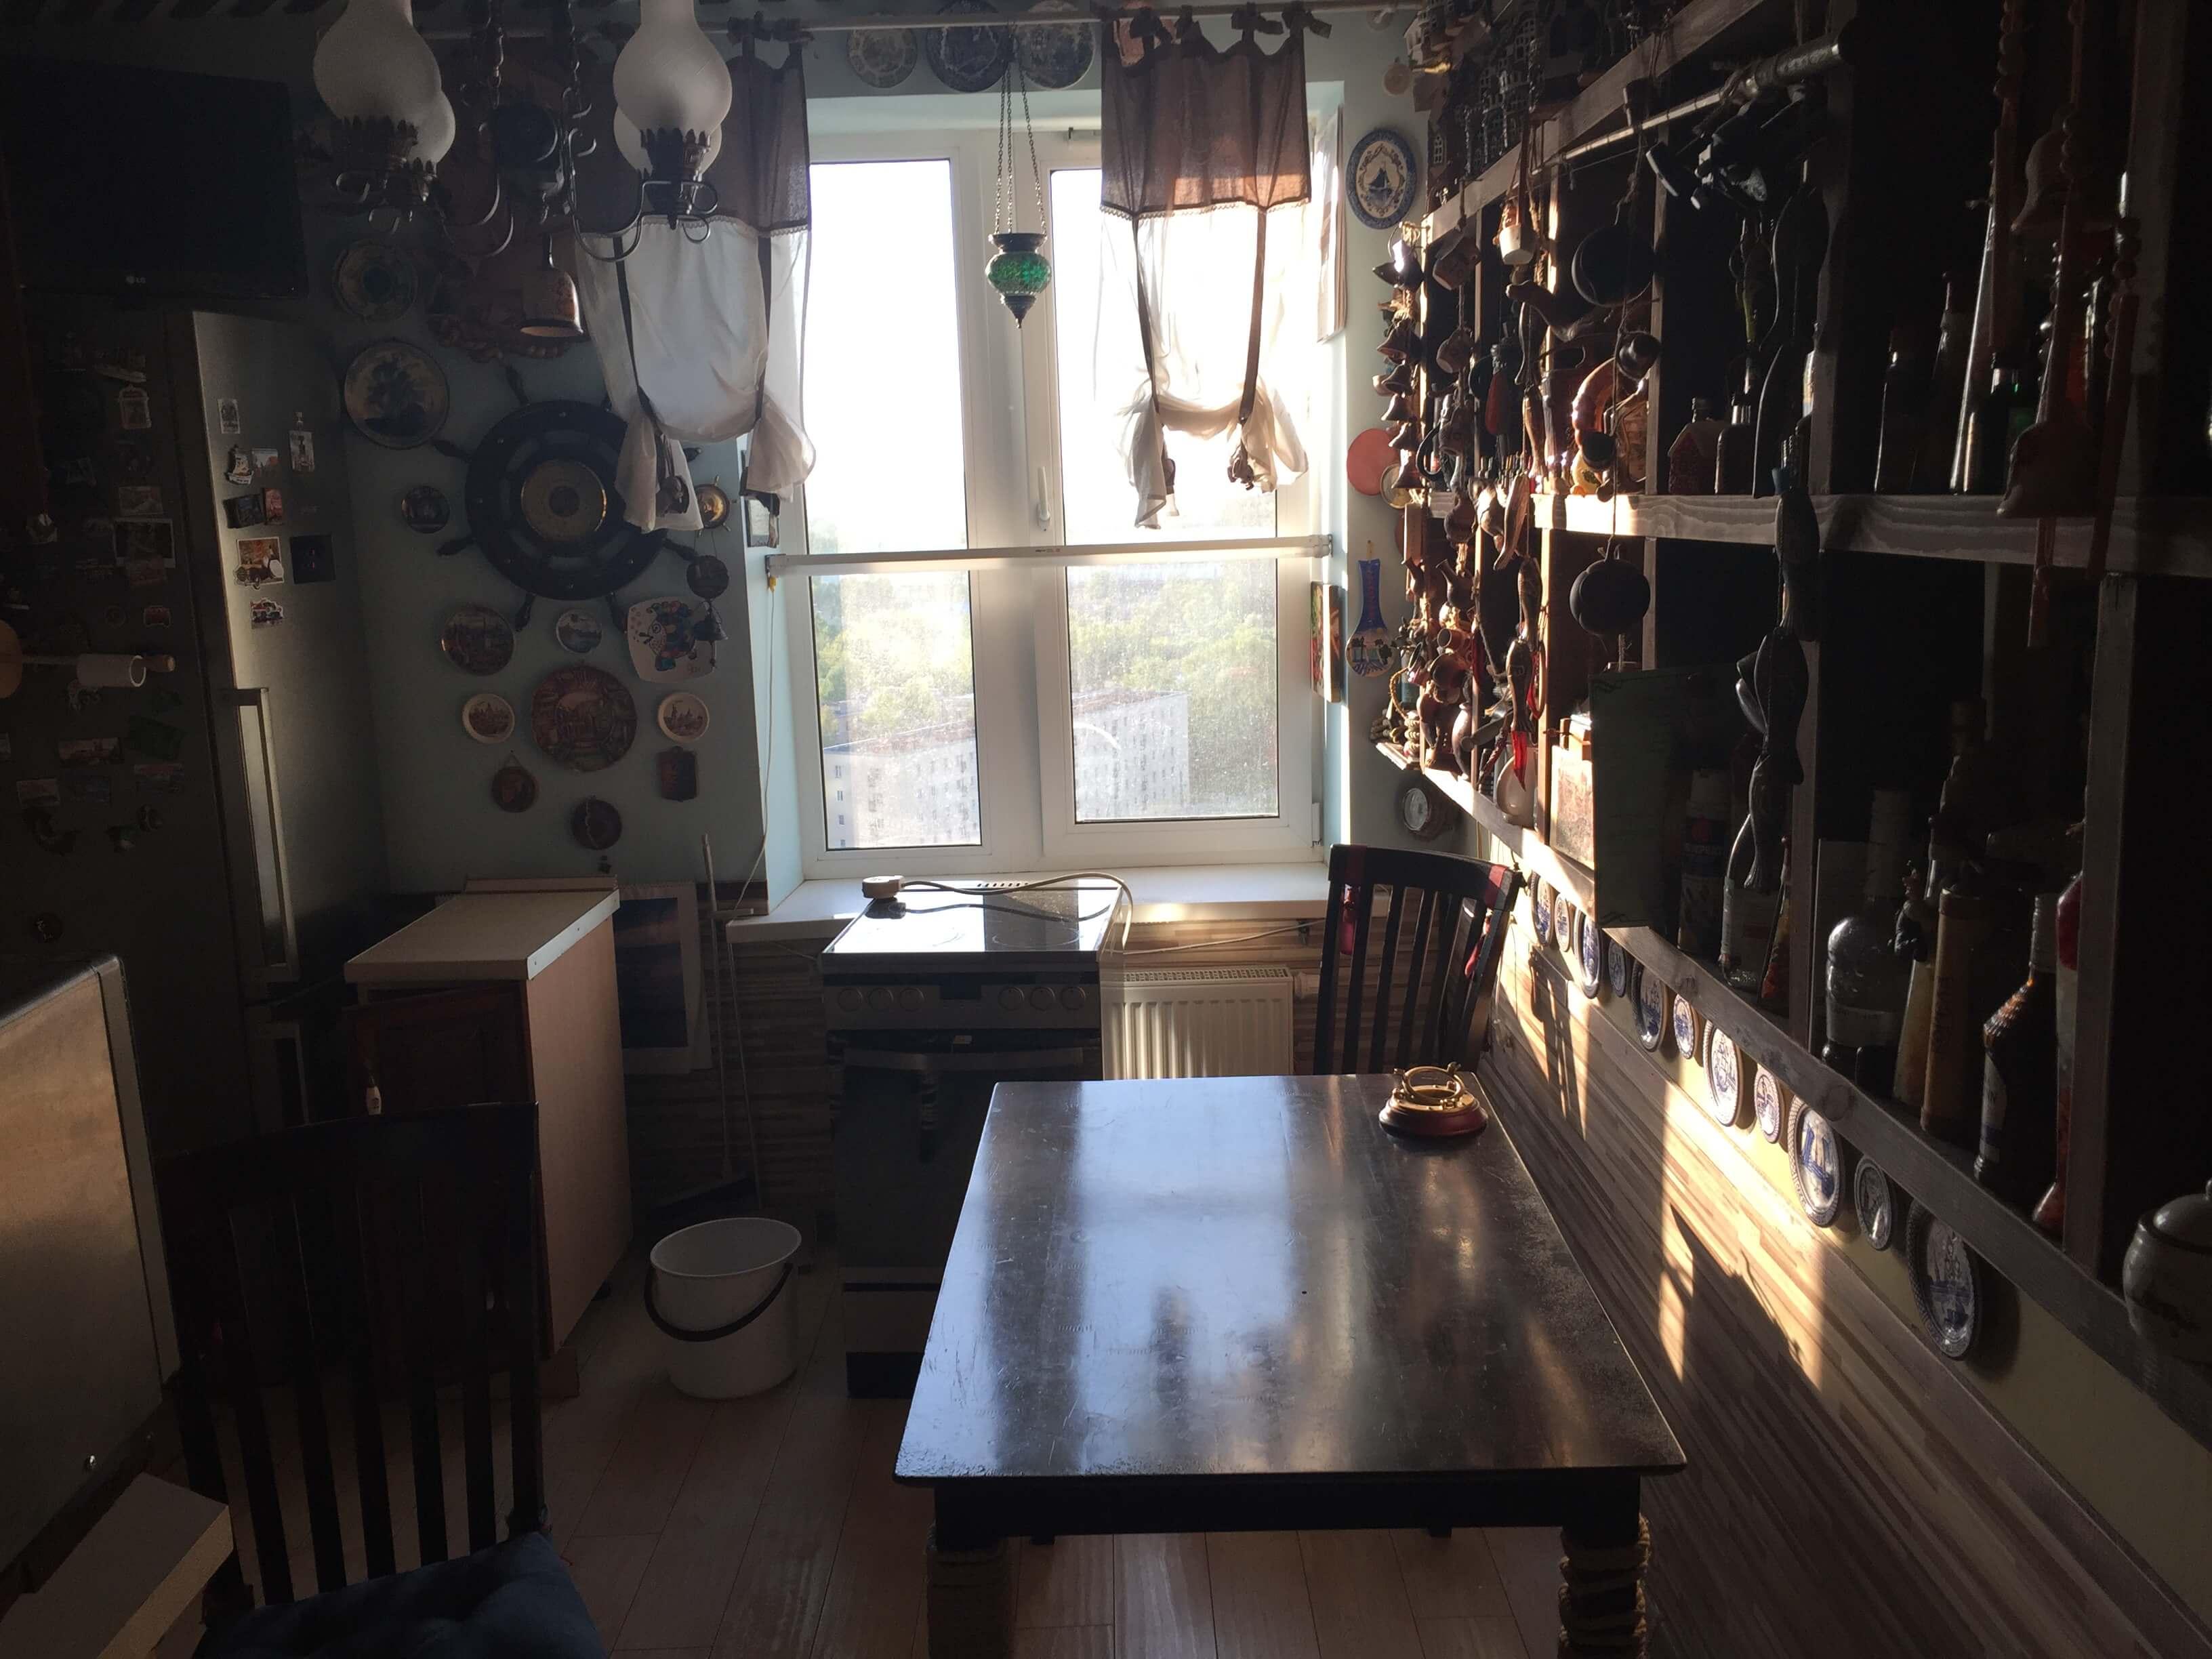 уничтожение тараканов на кухне метро Обухово